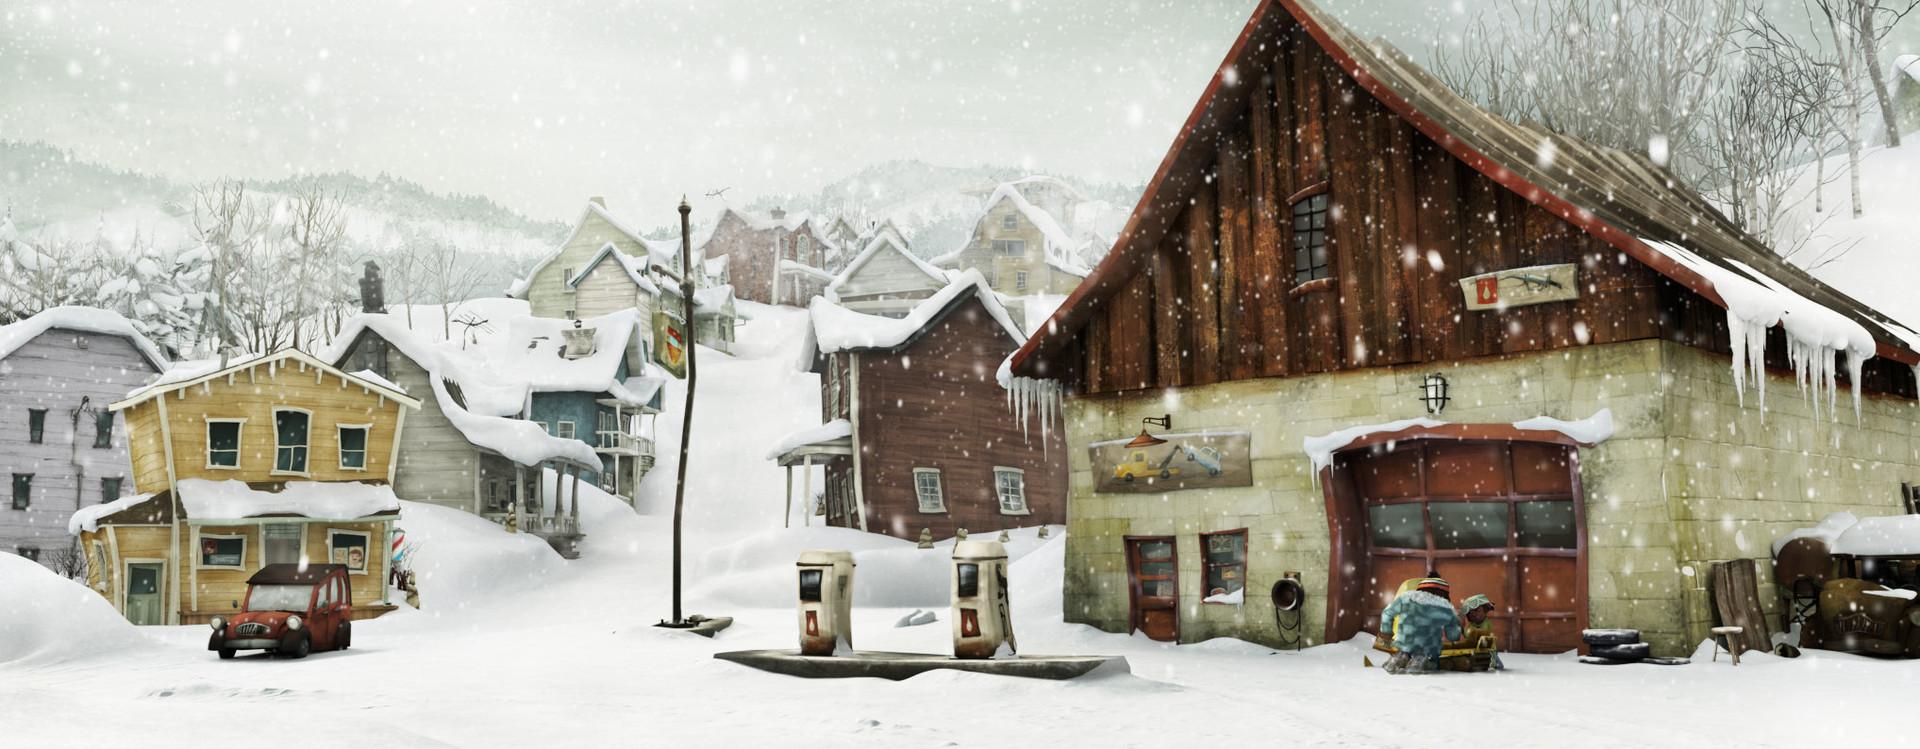 CarpeDiem-Snowtime_2